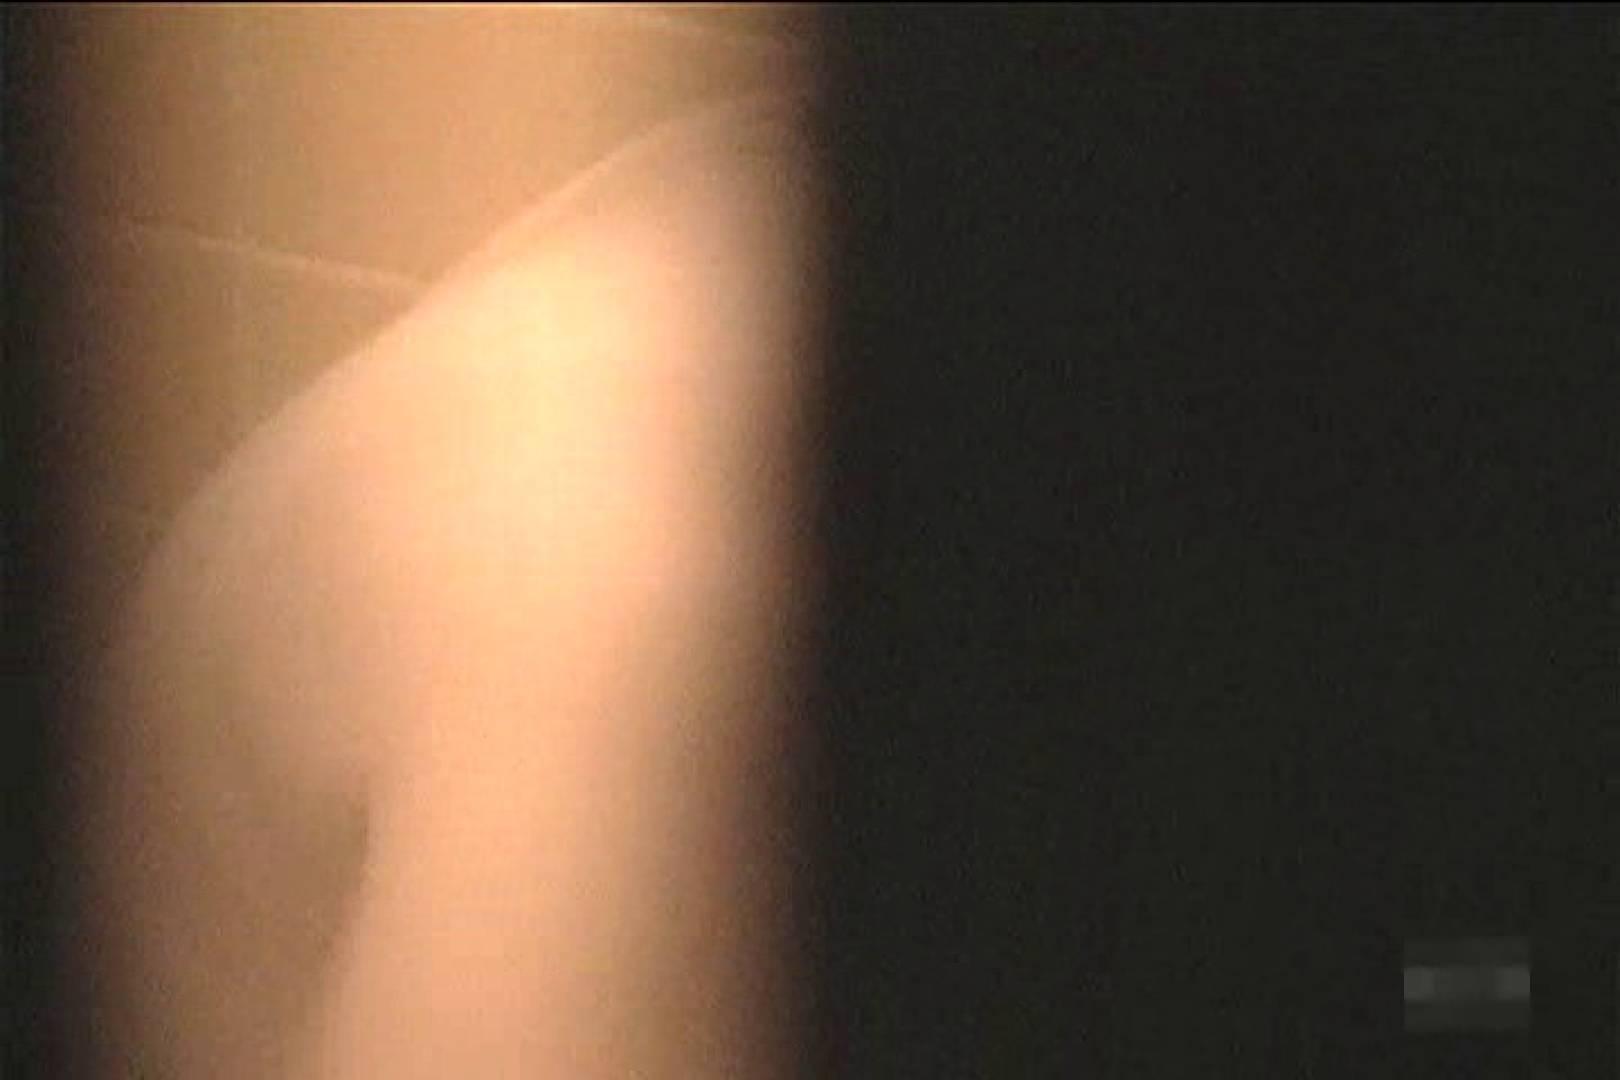 激撮ストーカー記録あなたのお宅拝見しますVol.11 エロすぎオナニー  63画像 40